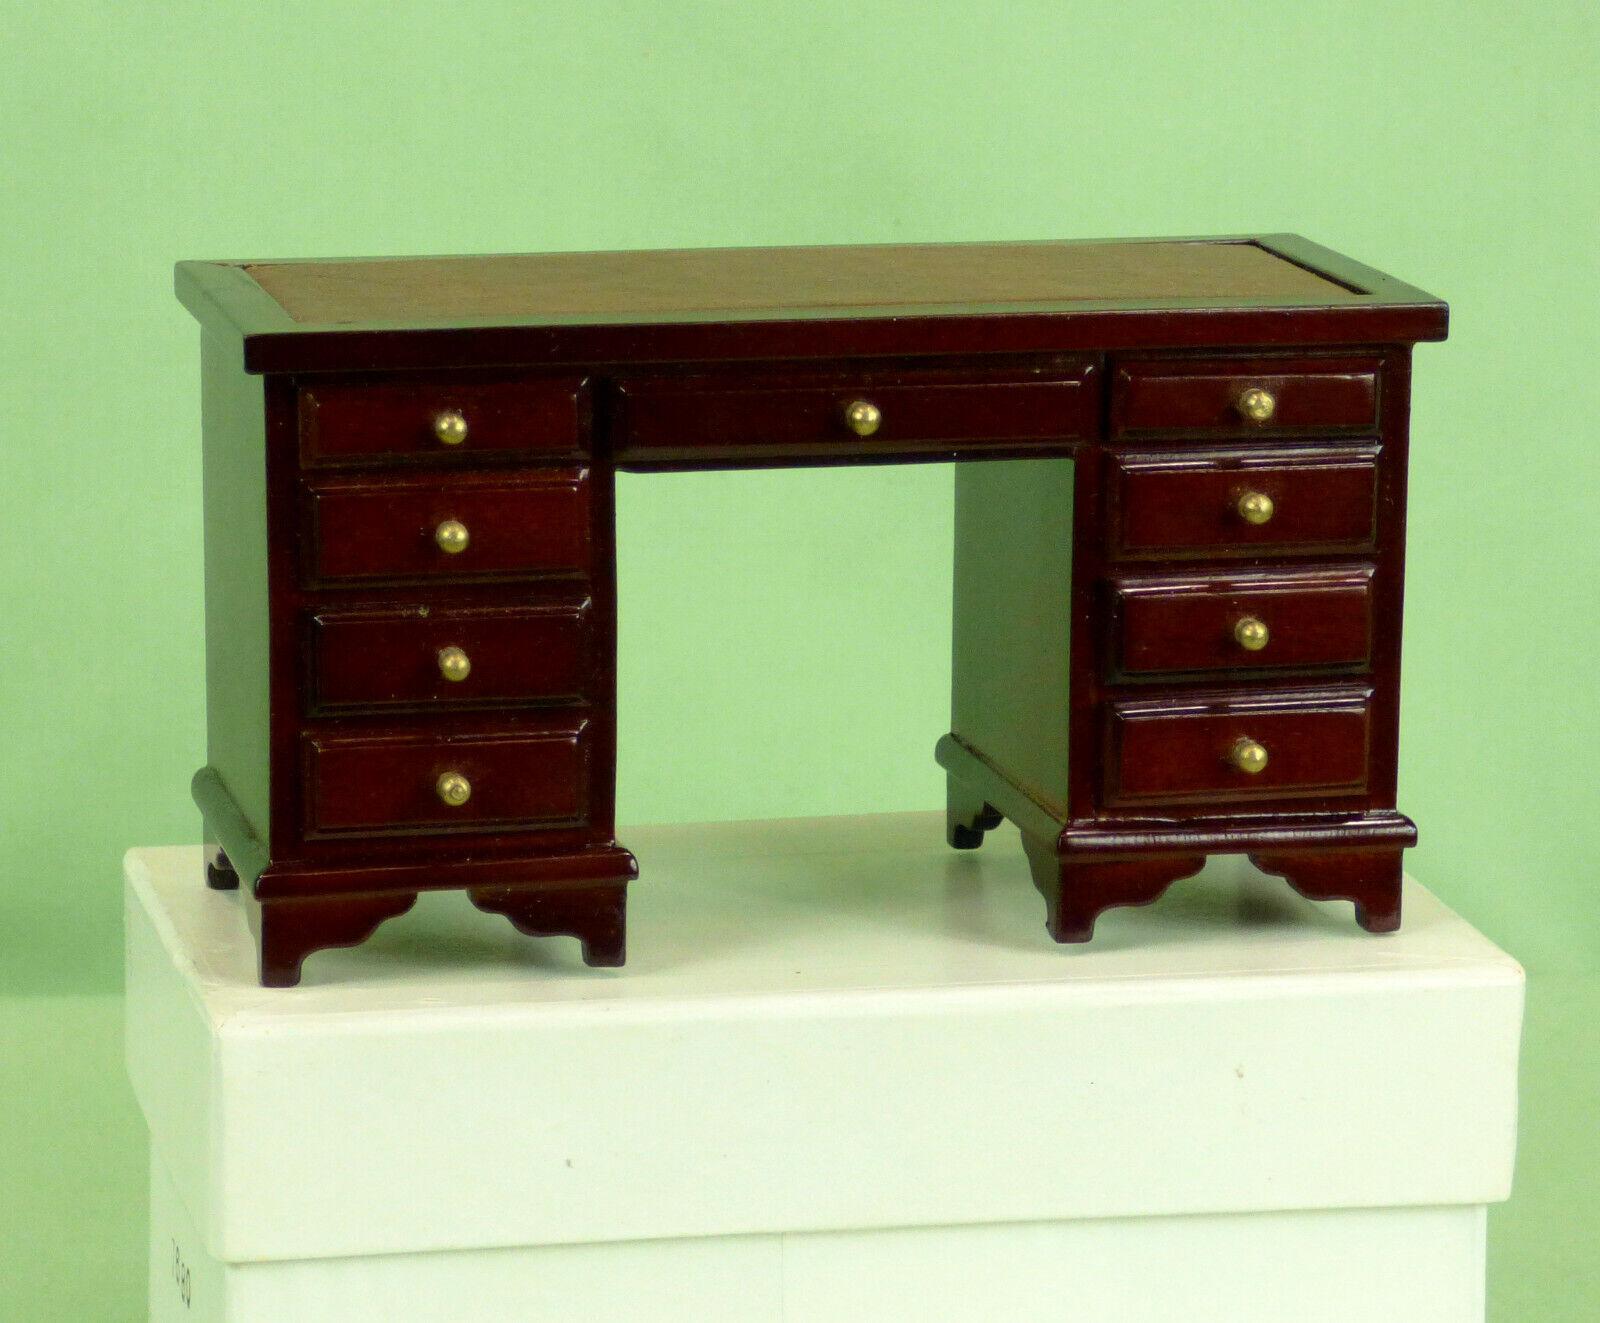 caliente 413 Vintage Casa De Muñecas Muñecas Muñecas En Miniatura fantástico Oficina de Mesa de mercancía 7680  la mejor selección de